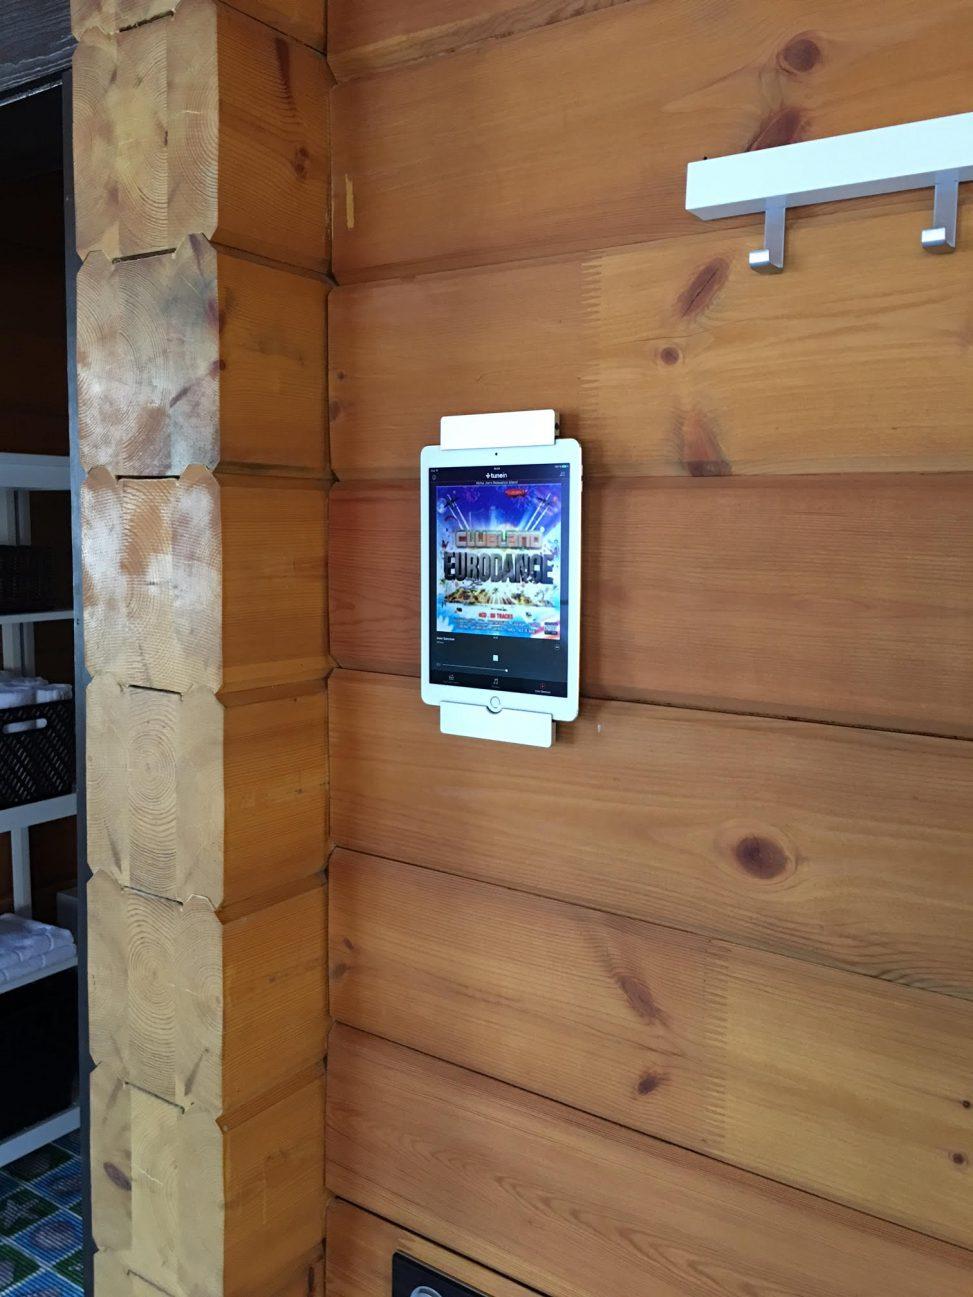 corbel av корбел ав держатель планшета sdock ipad air pro управление умный дом